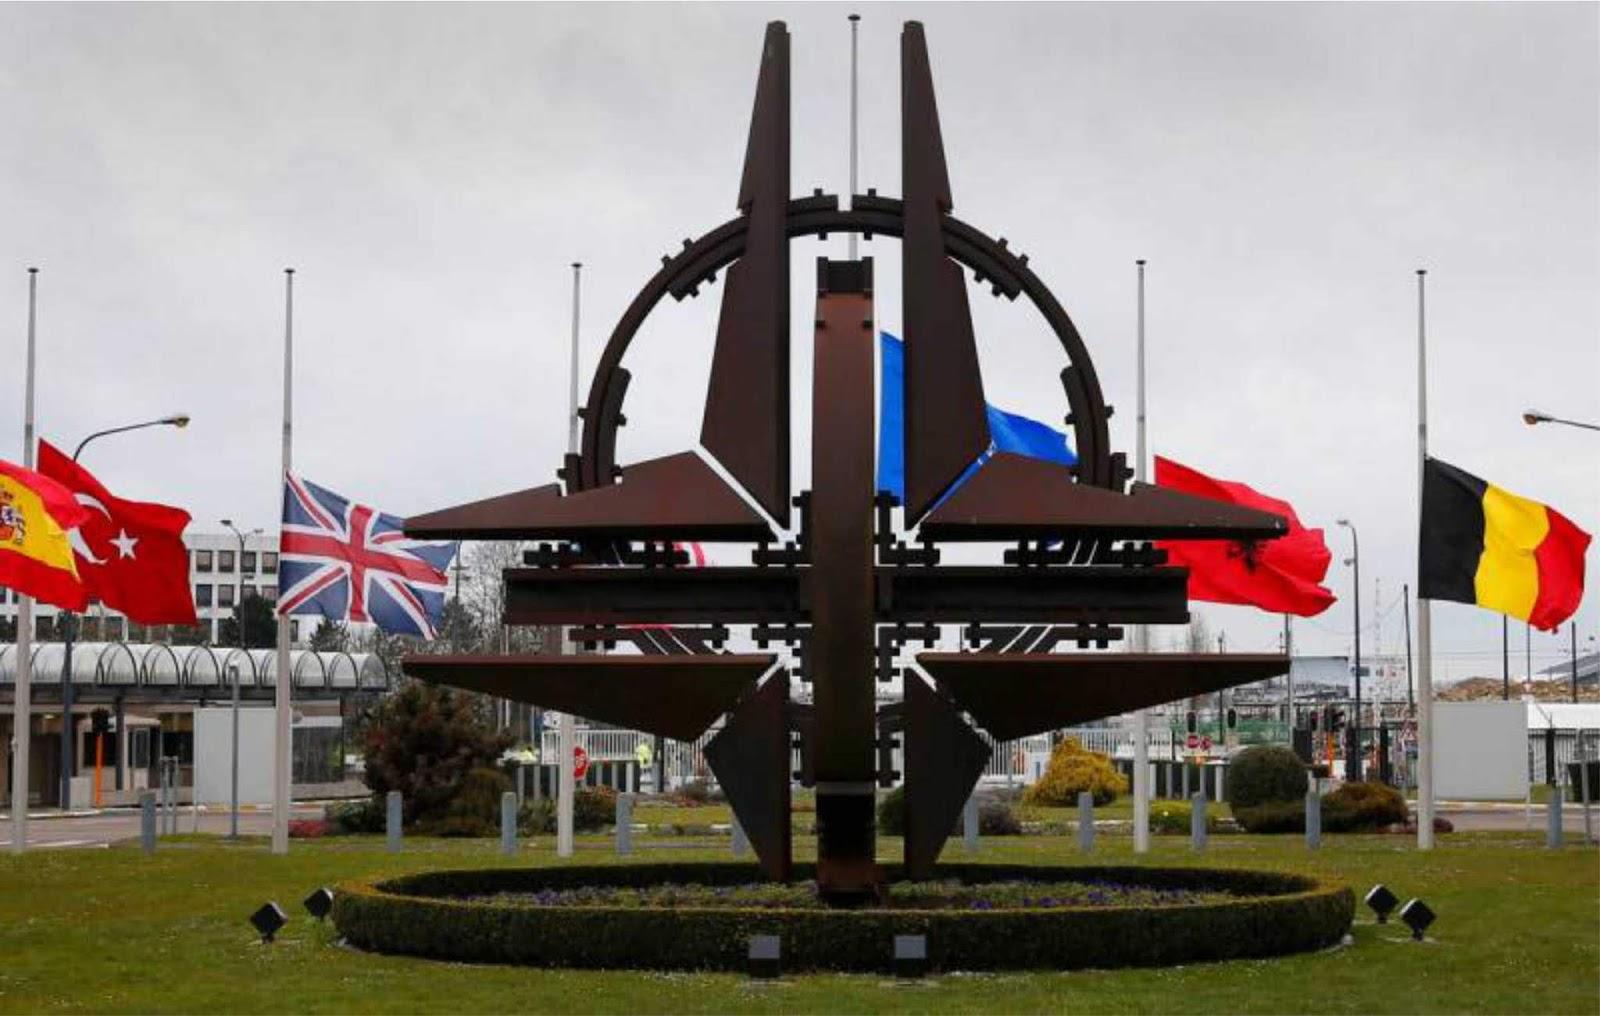 Die Welt: Moskow mengalahkan Brussels - NATO tidak tahu harus berbuat apa